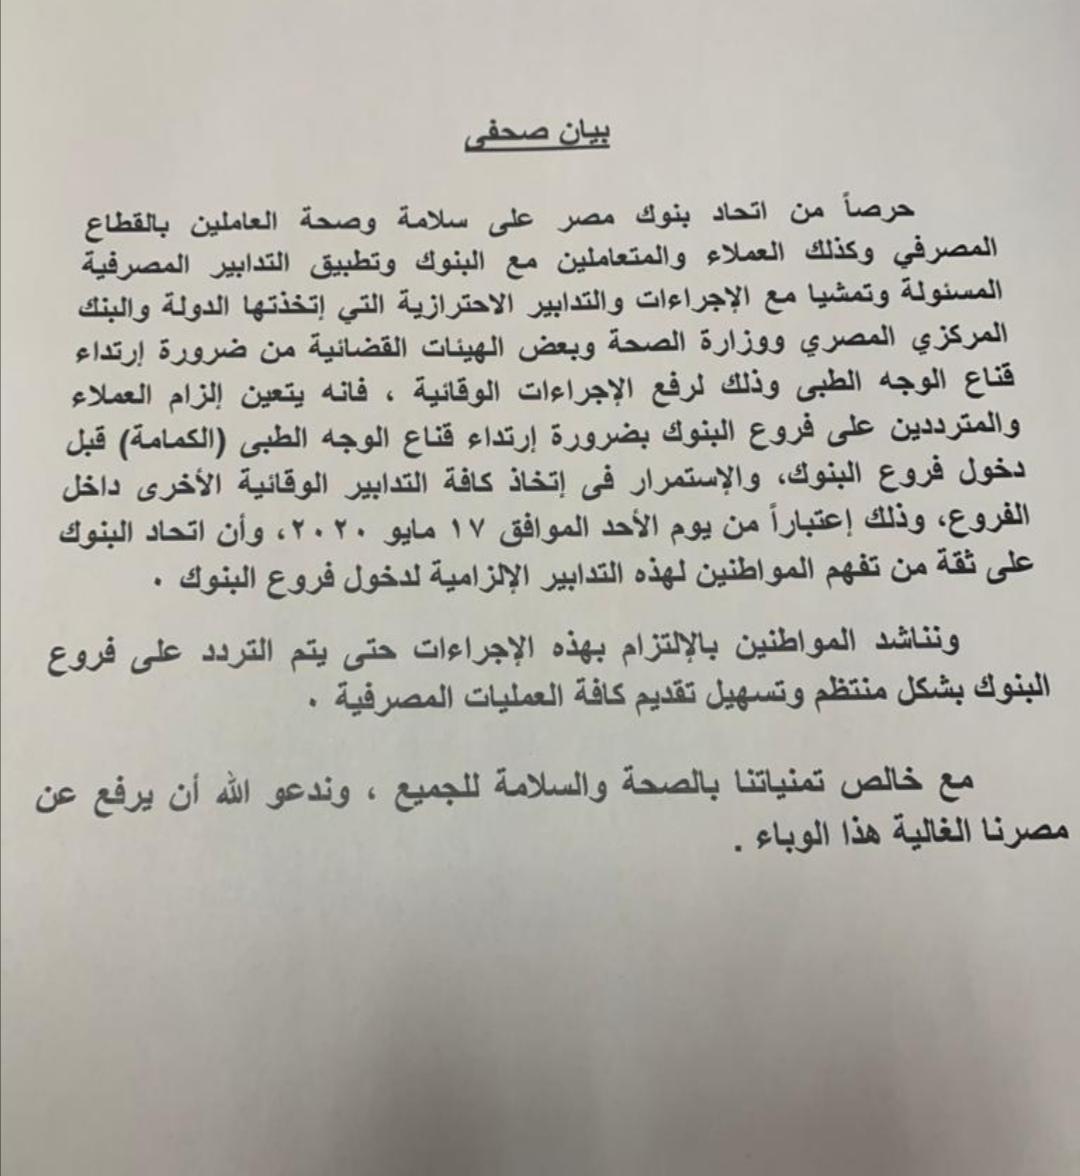 اتحاد البنوك المصرية يطالب العملاء بأرتداء الكمامة اعتبارا من يوم  الأحد المقبل